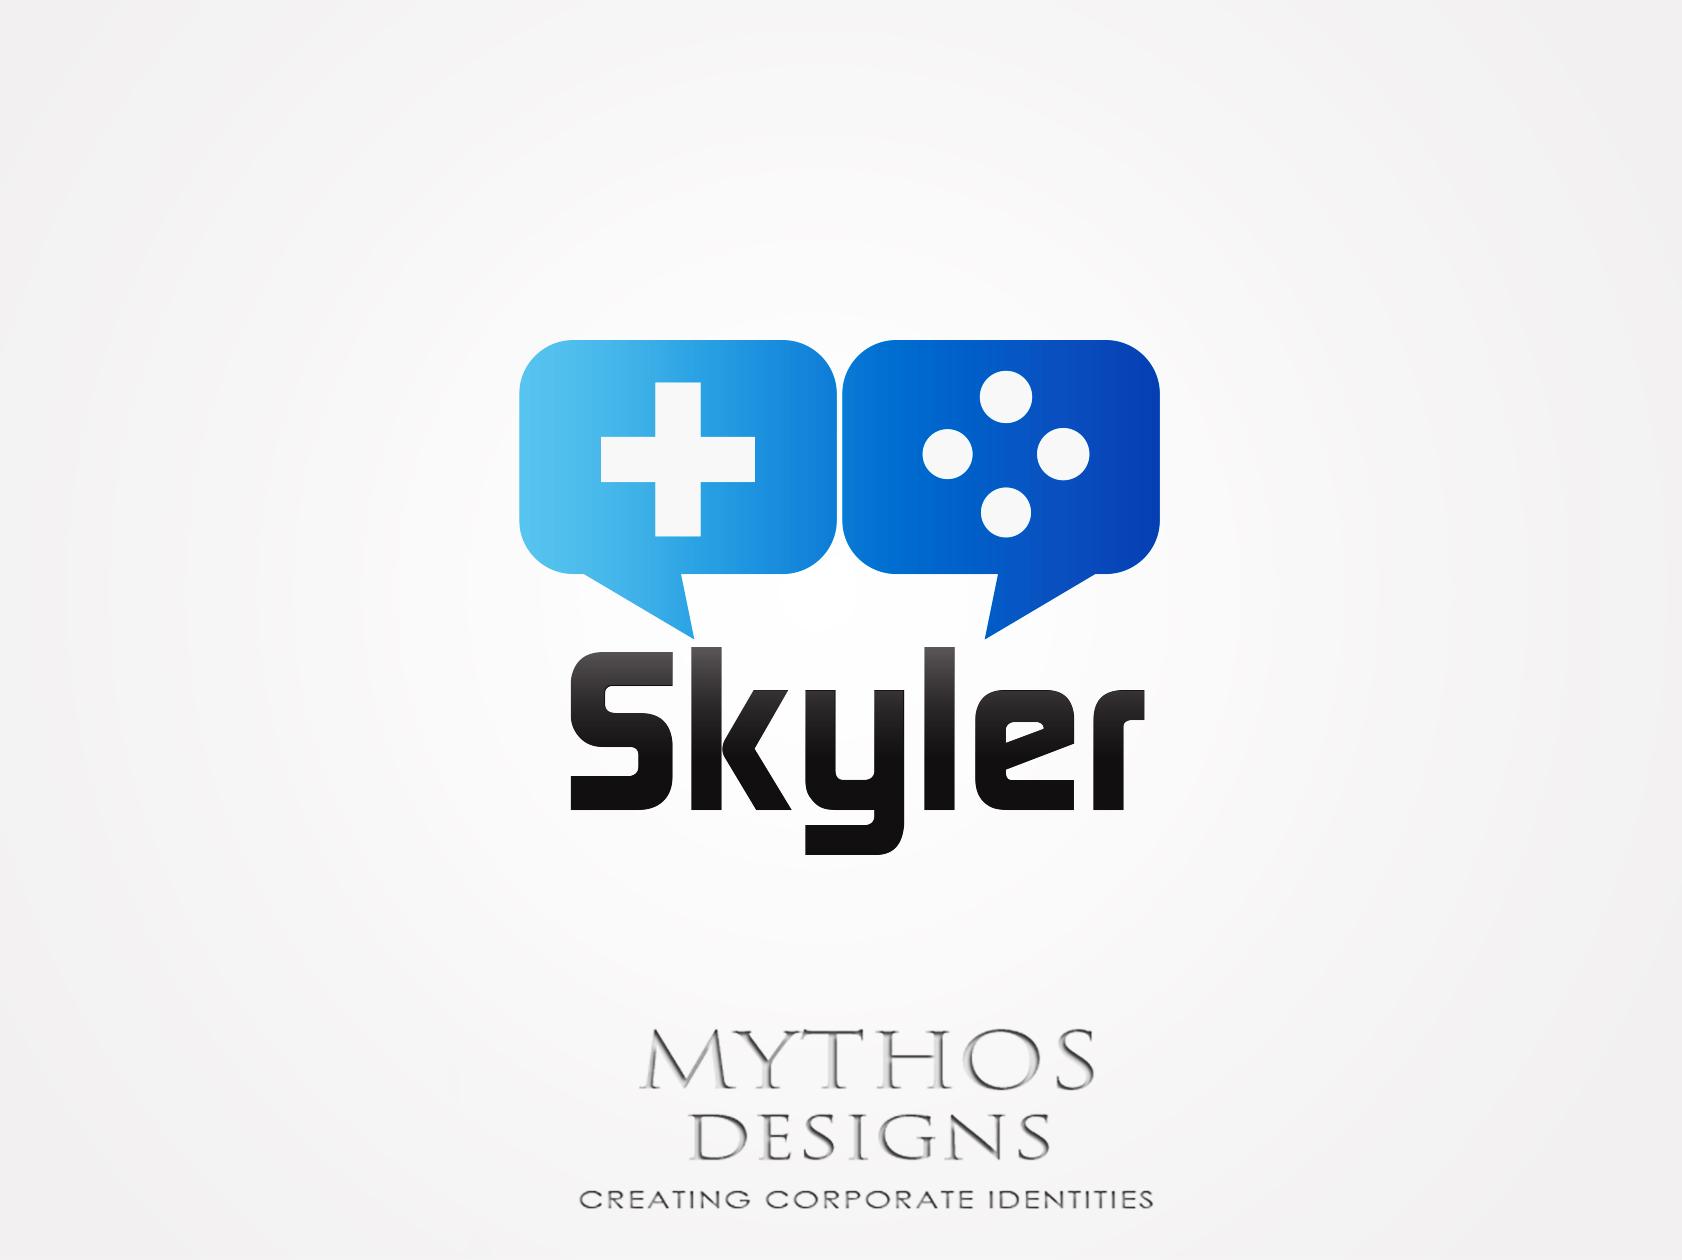 Logo Design by Mythos Designs - Entry No. 2 in the Logo Design Contest Artistic Logo Design for Skyler.Asia.